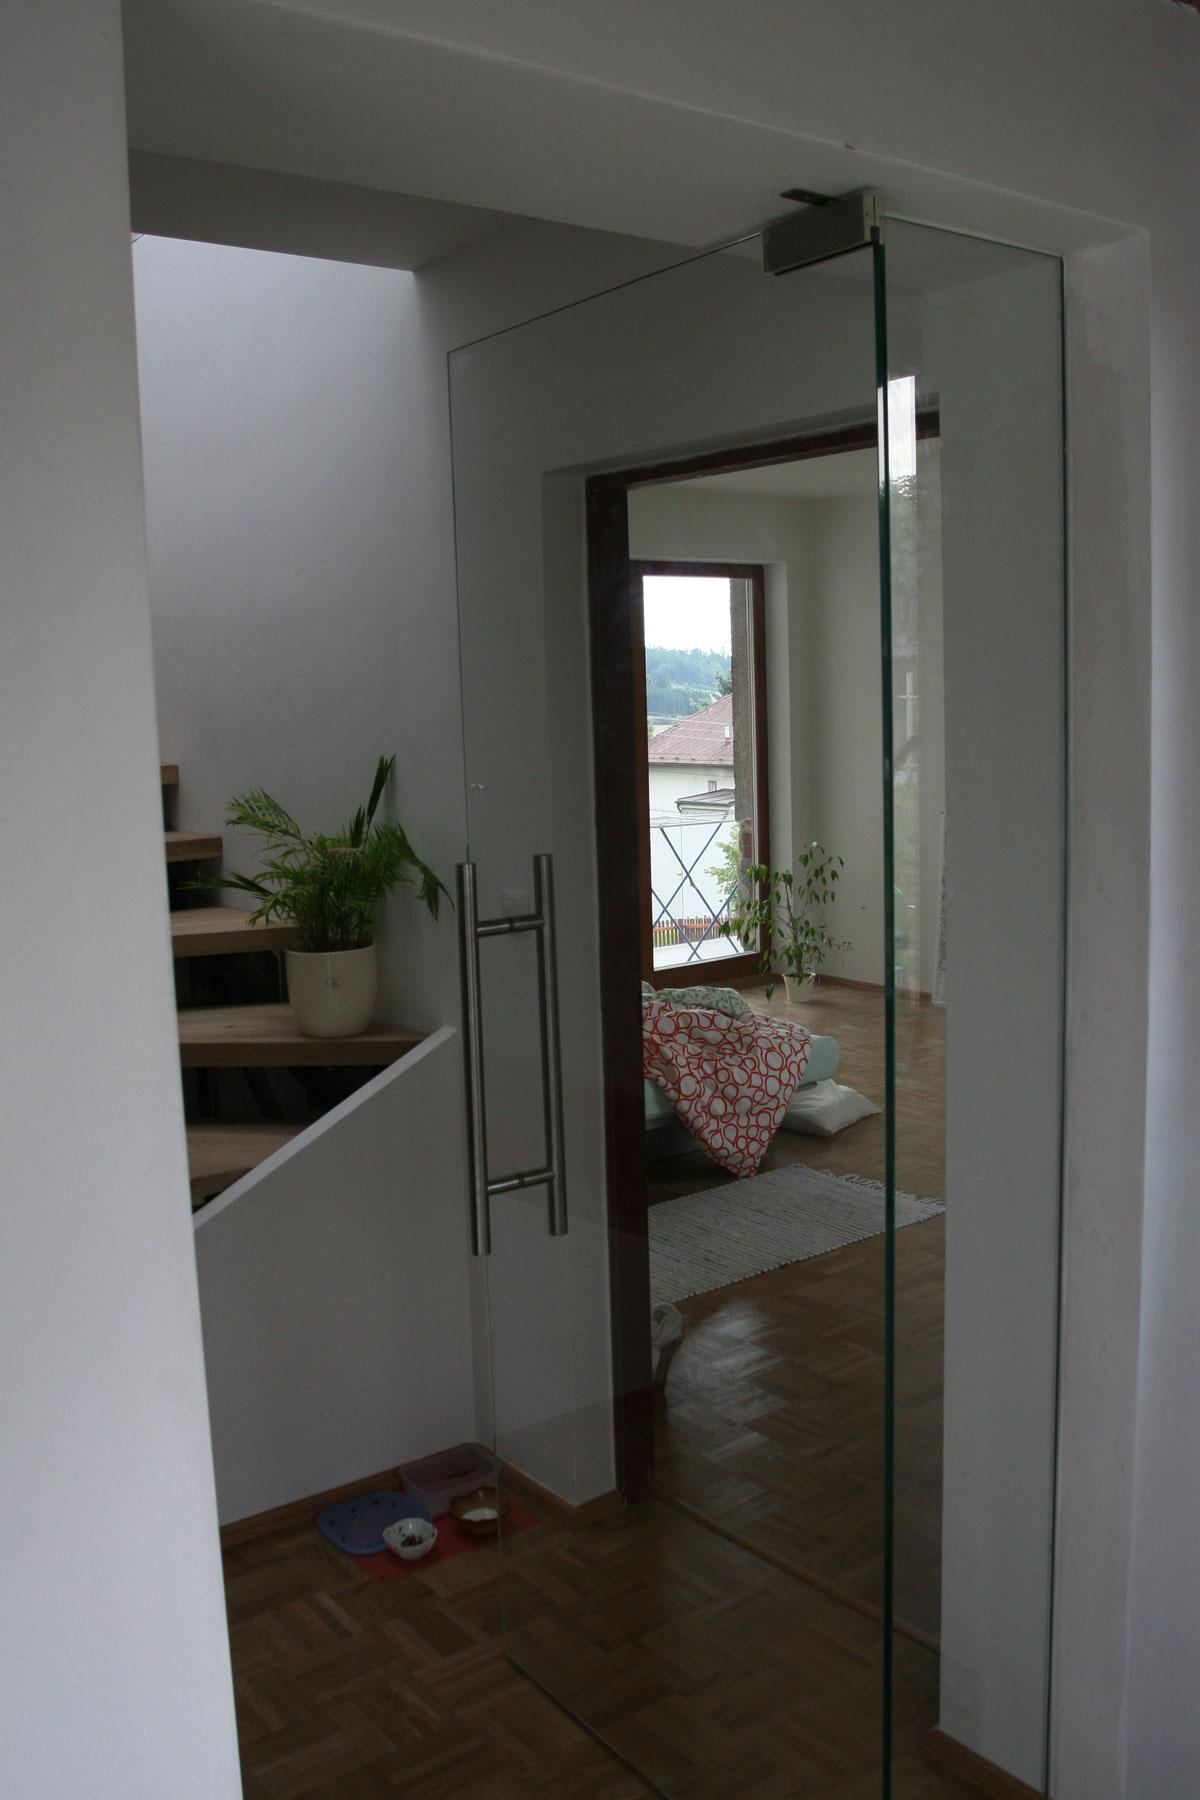 Sklenarstvi-Prerost-sklenene- steny-a-dvere (22)